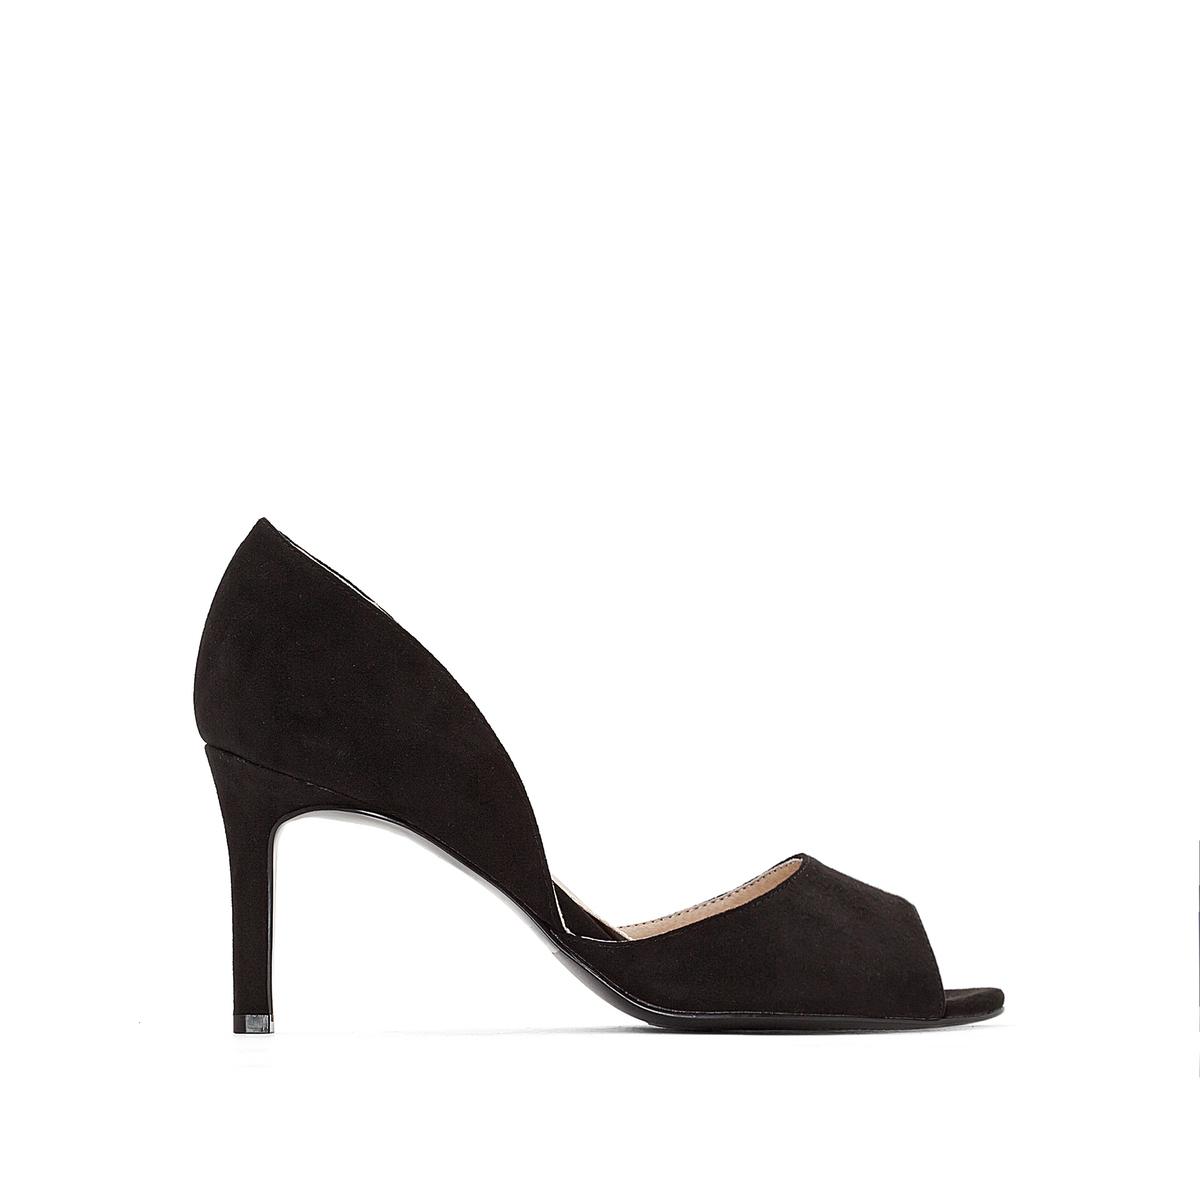 Туфли с открытым мыском C408A-4Верх : текстиль Подкладка : синтетика Стелька : синтетика Подошва : синтетика Высота каблука : 8 см Форма каблука : шпилька Мысок : закругленный Застежка : без застежки<br><br>Цвет: черный